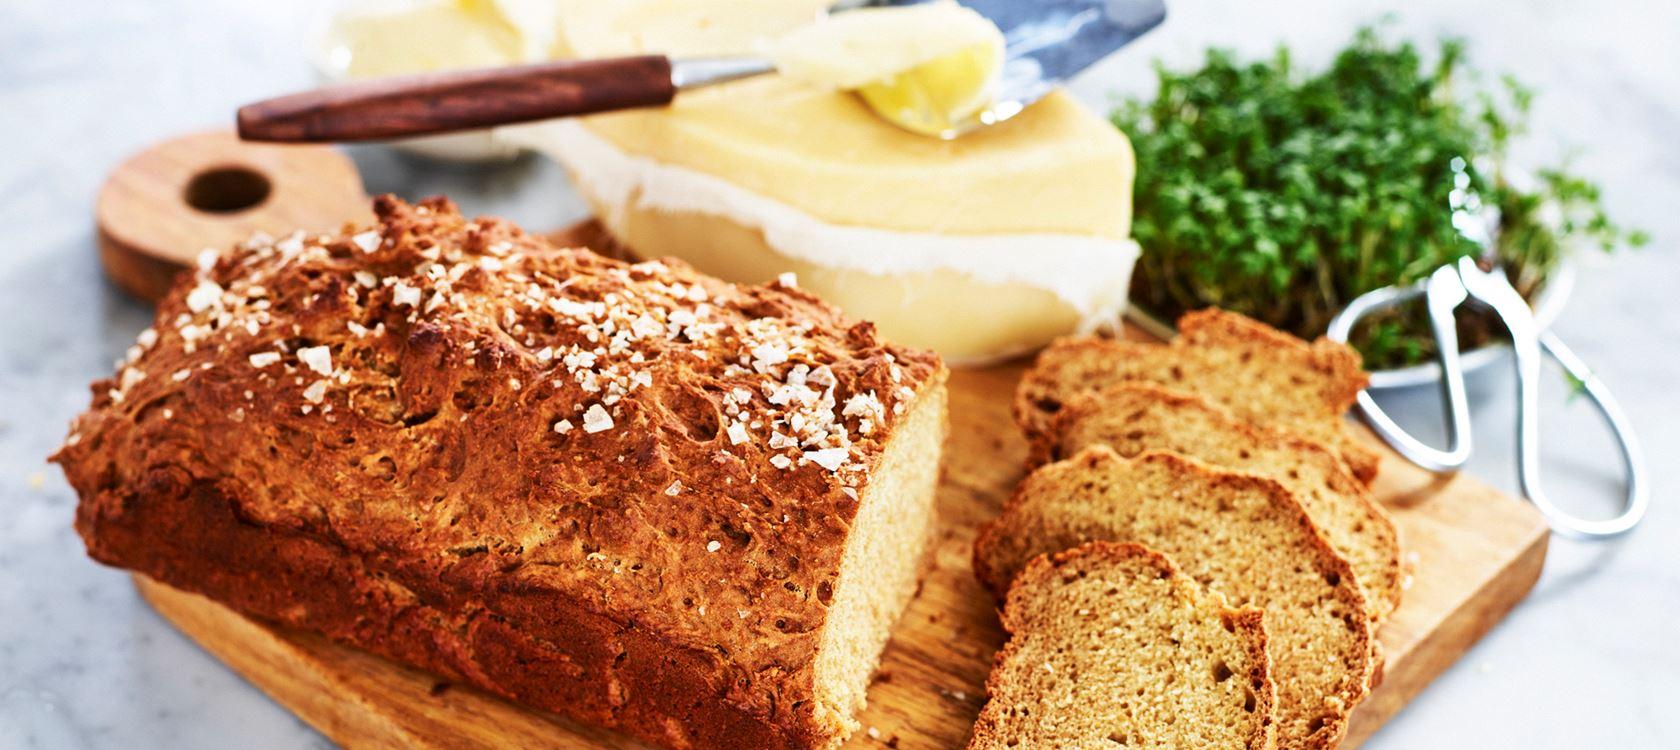 Bröd utan jäst